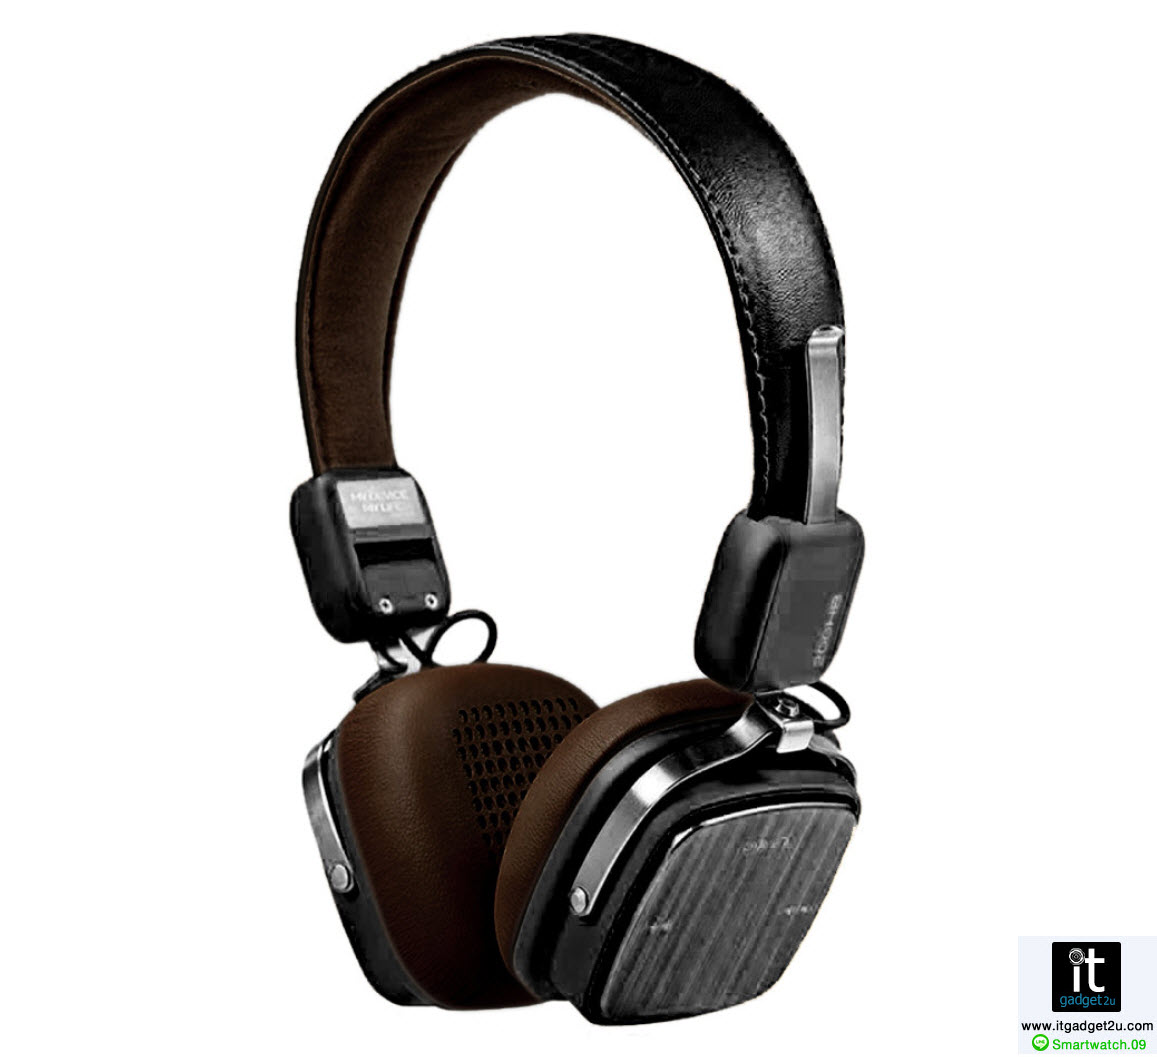 หู ฟัง บลูทูธ หูฟัง ครอบหู สเตอรีโอ Remax-200HB สีดำ ราคา 1,090 บาท